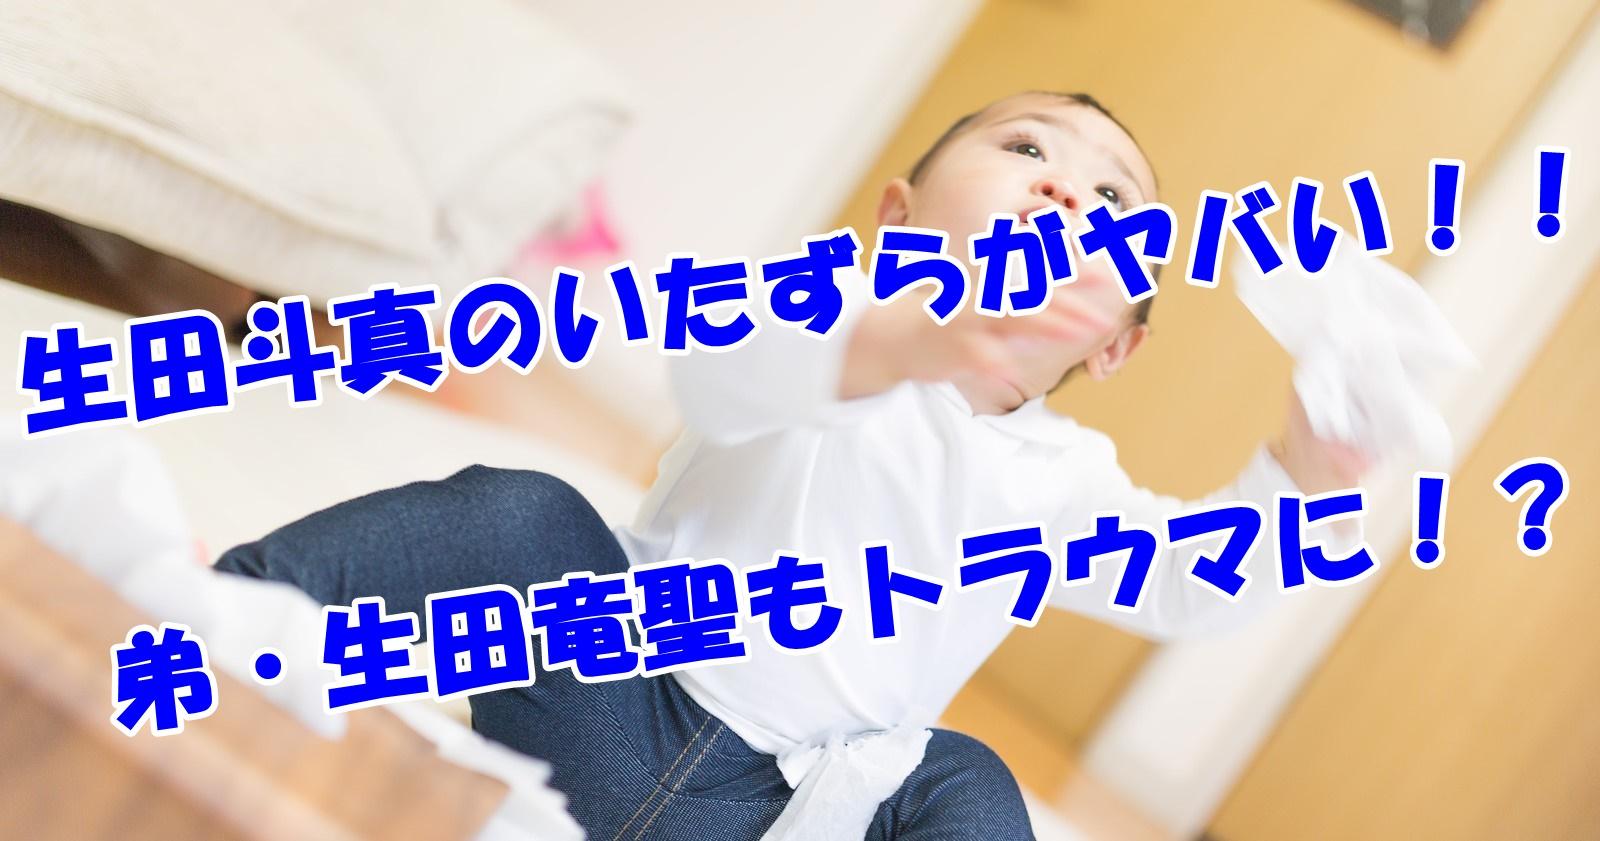 生田斗真が弟・生田竜聖にしたいたずらがヤバすぎて放送事故レベル!?